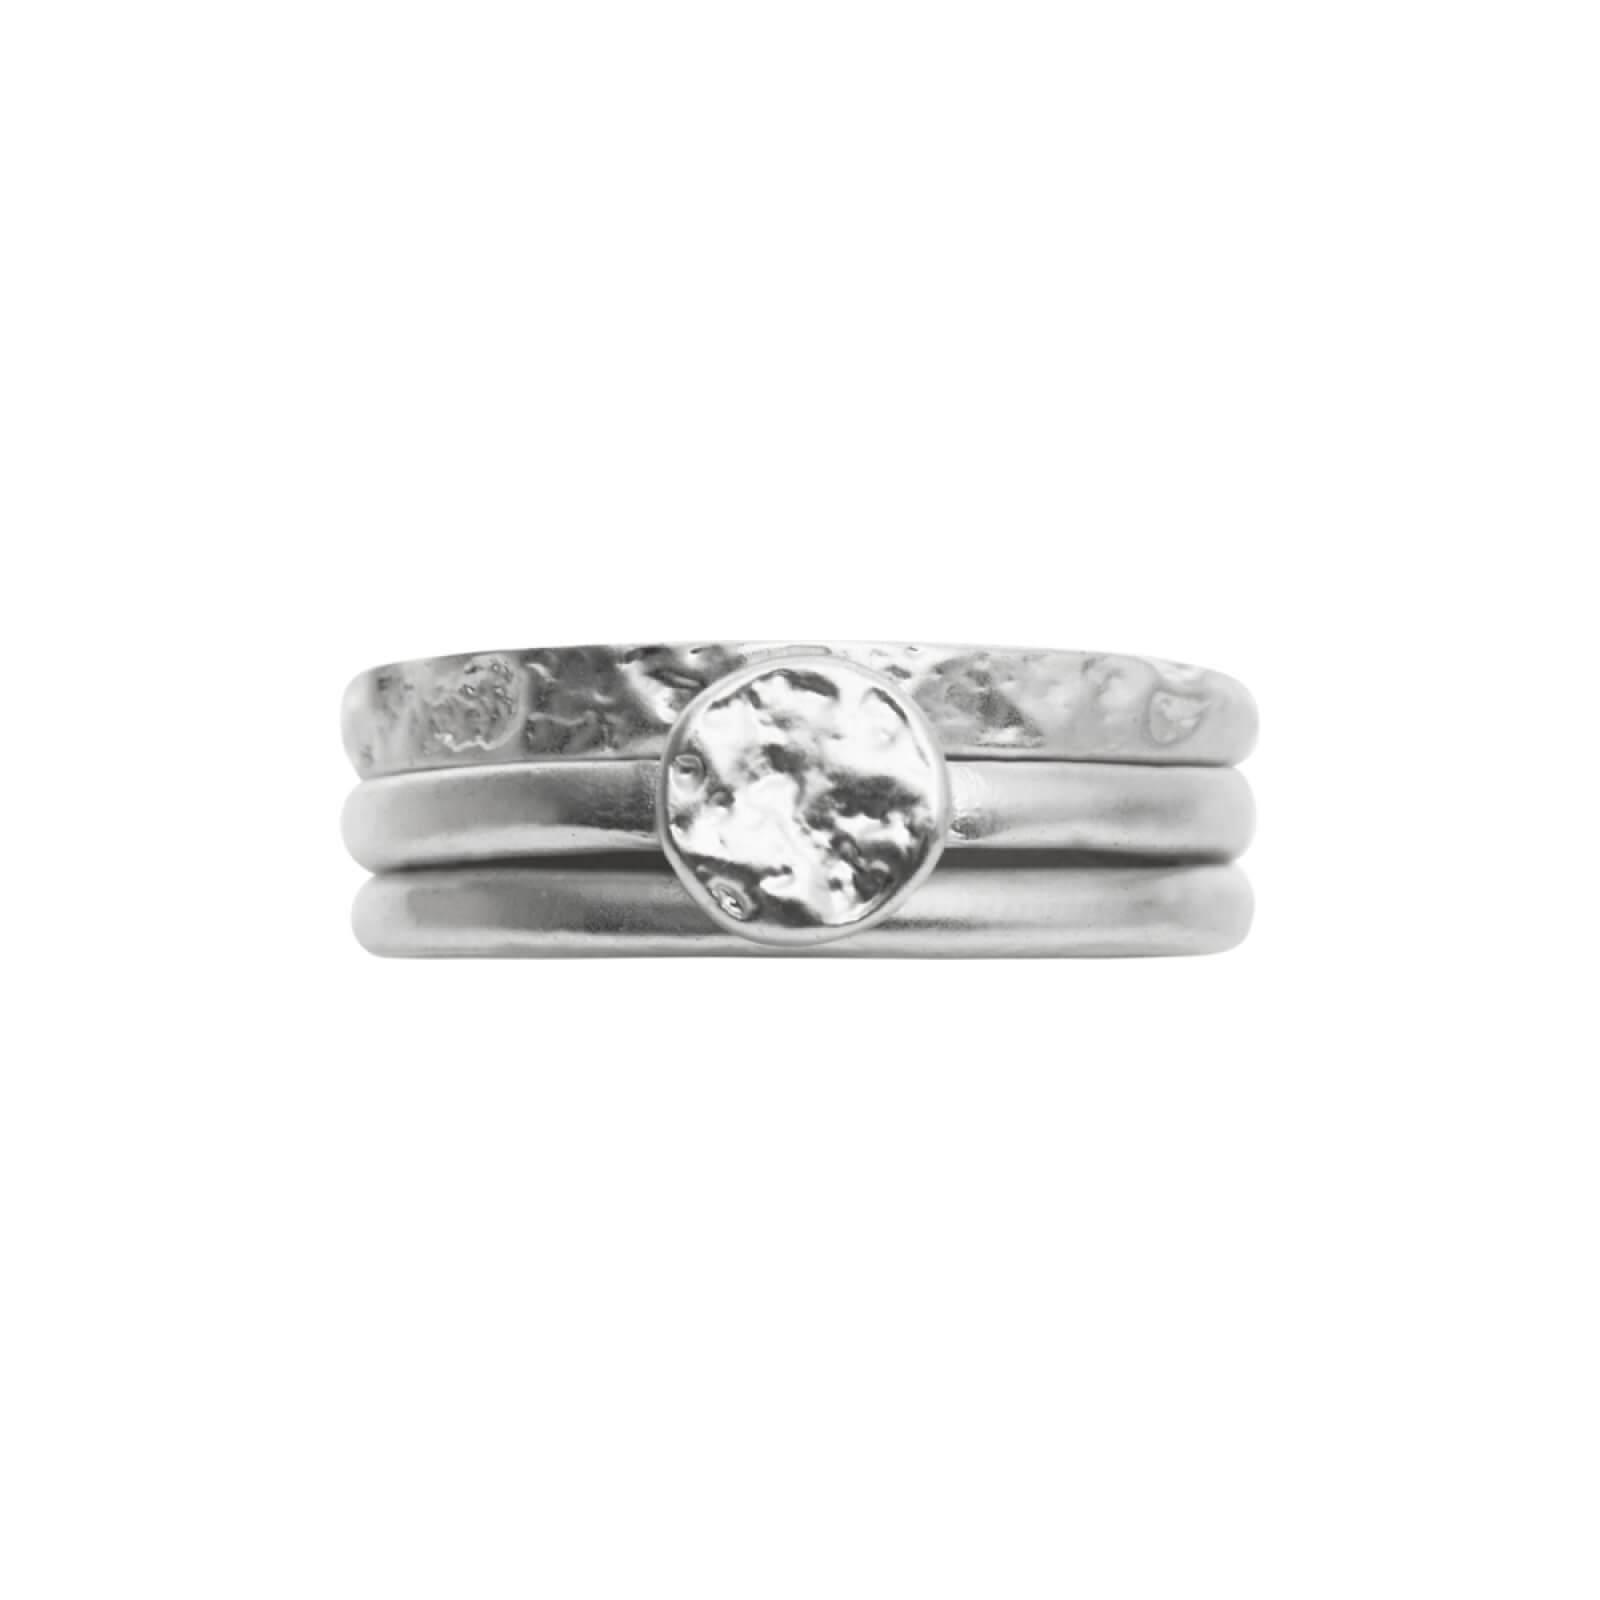 кольцо DANSK SMYKKEKUNST 1C1043